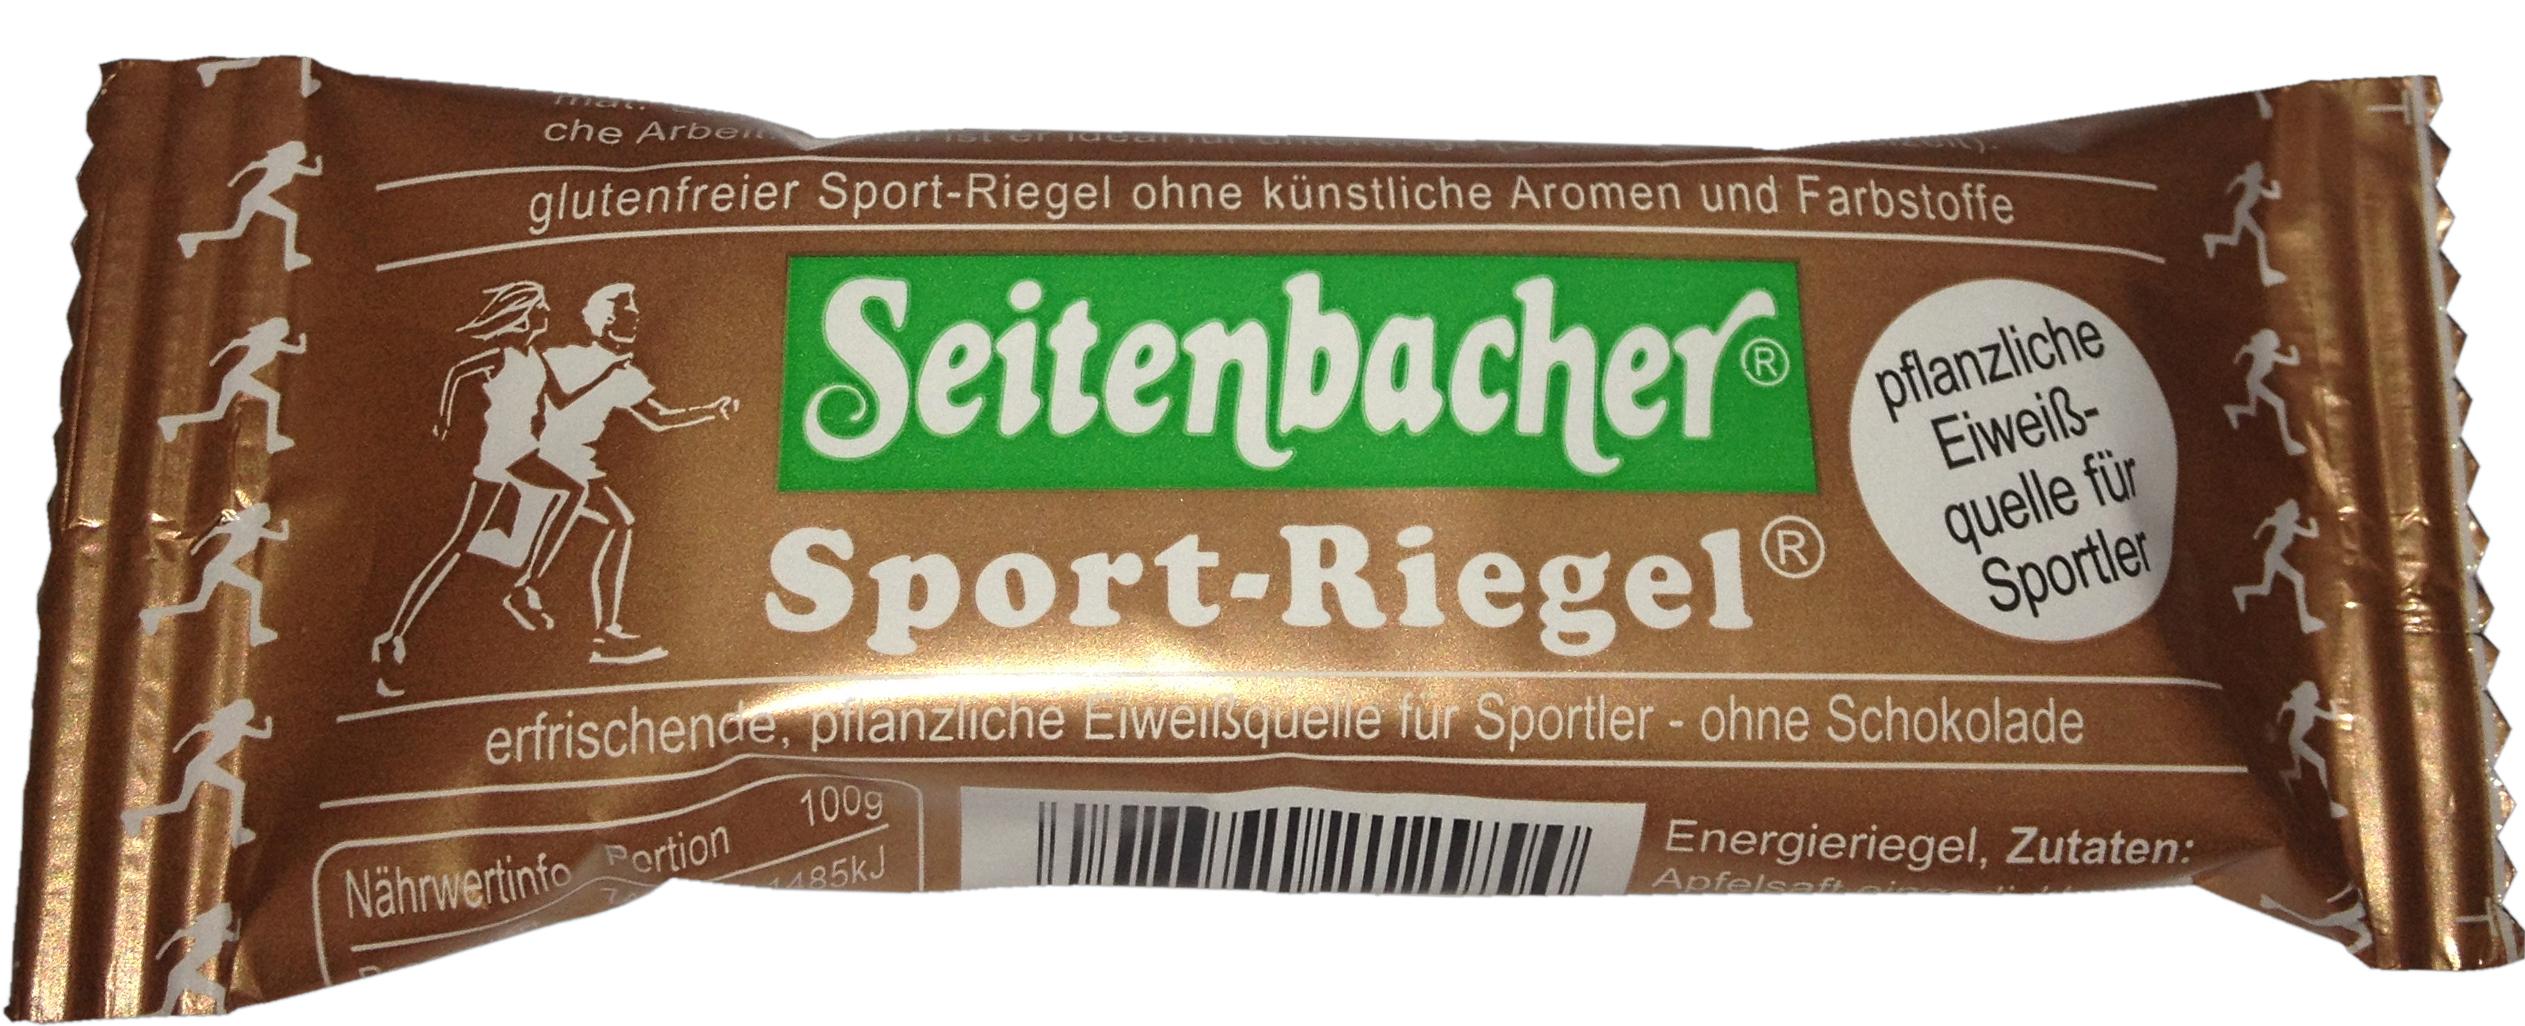 Seitenbacher - Sport-Riegel